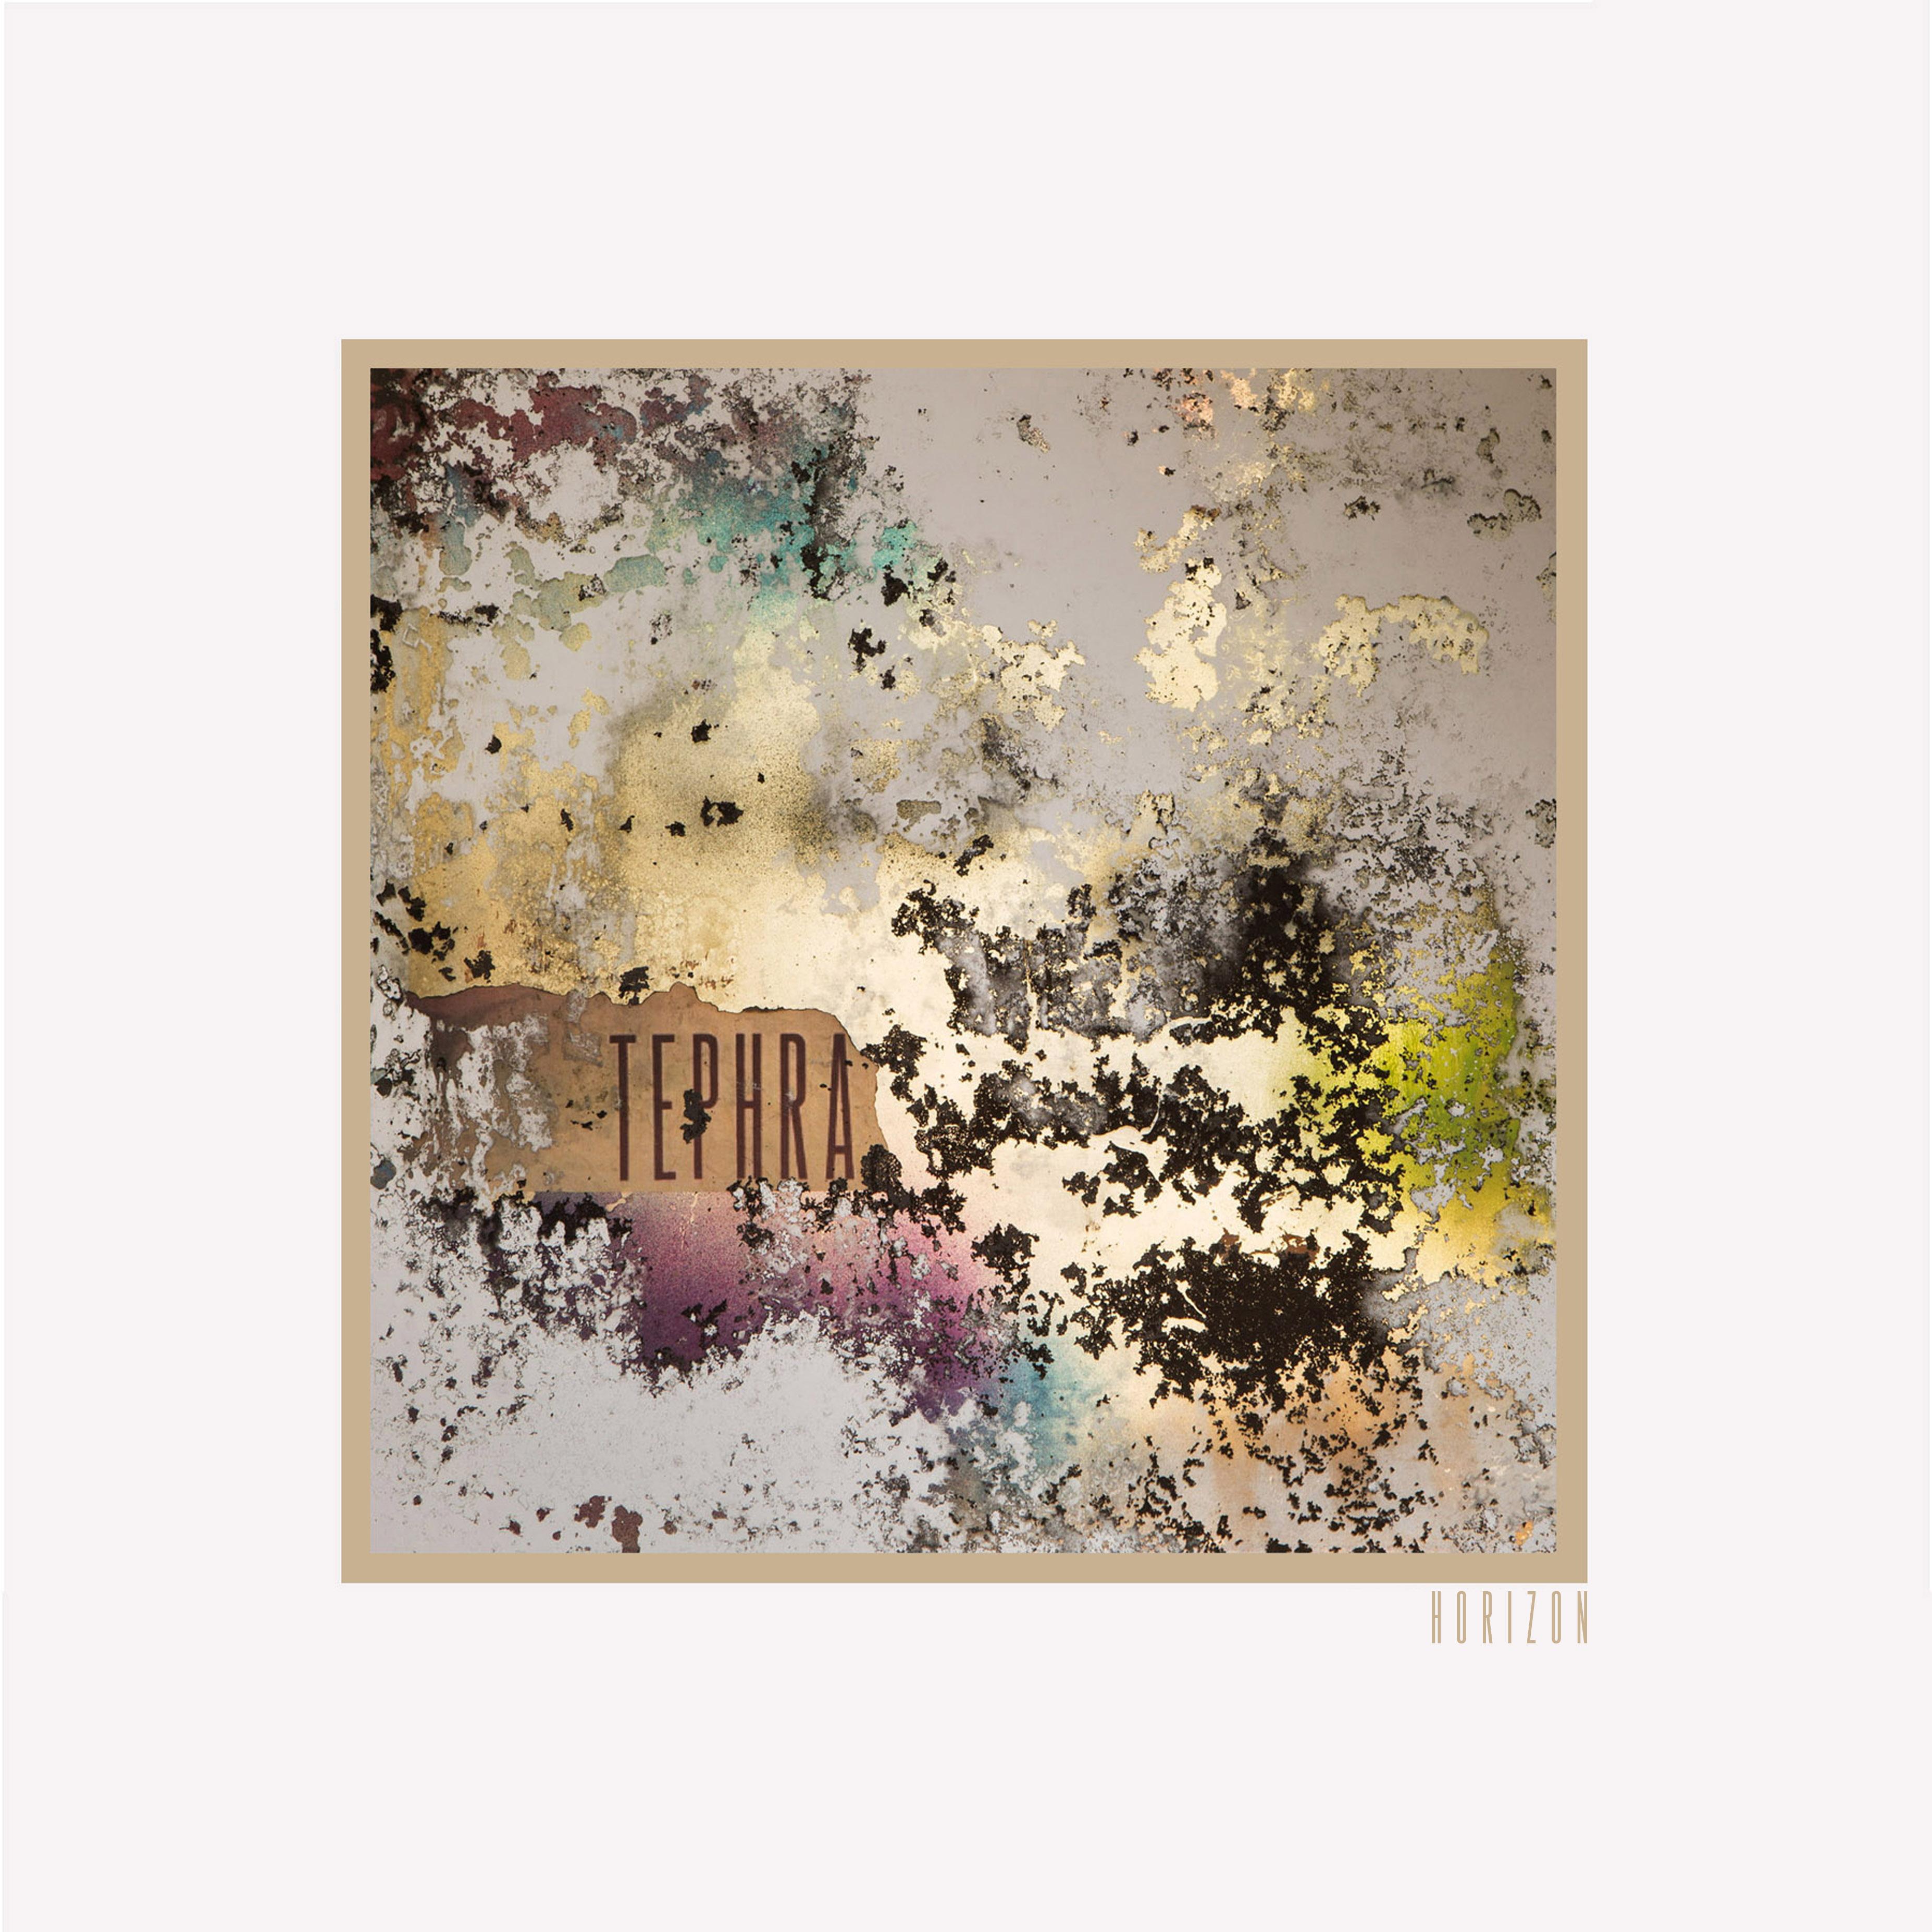 TEPHRA album cover